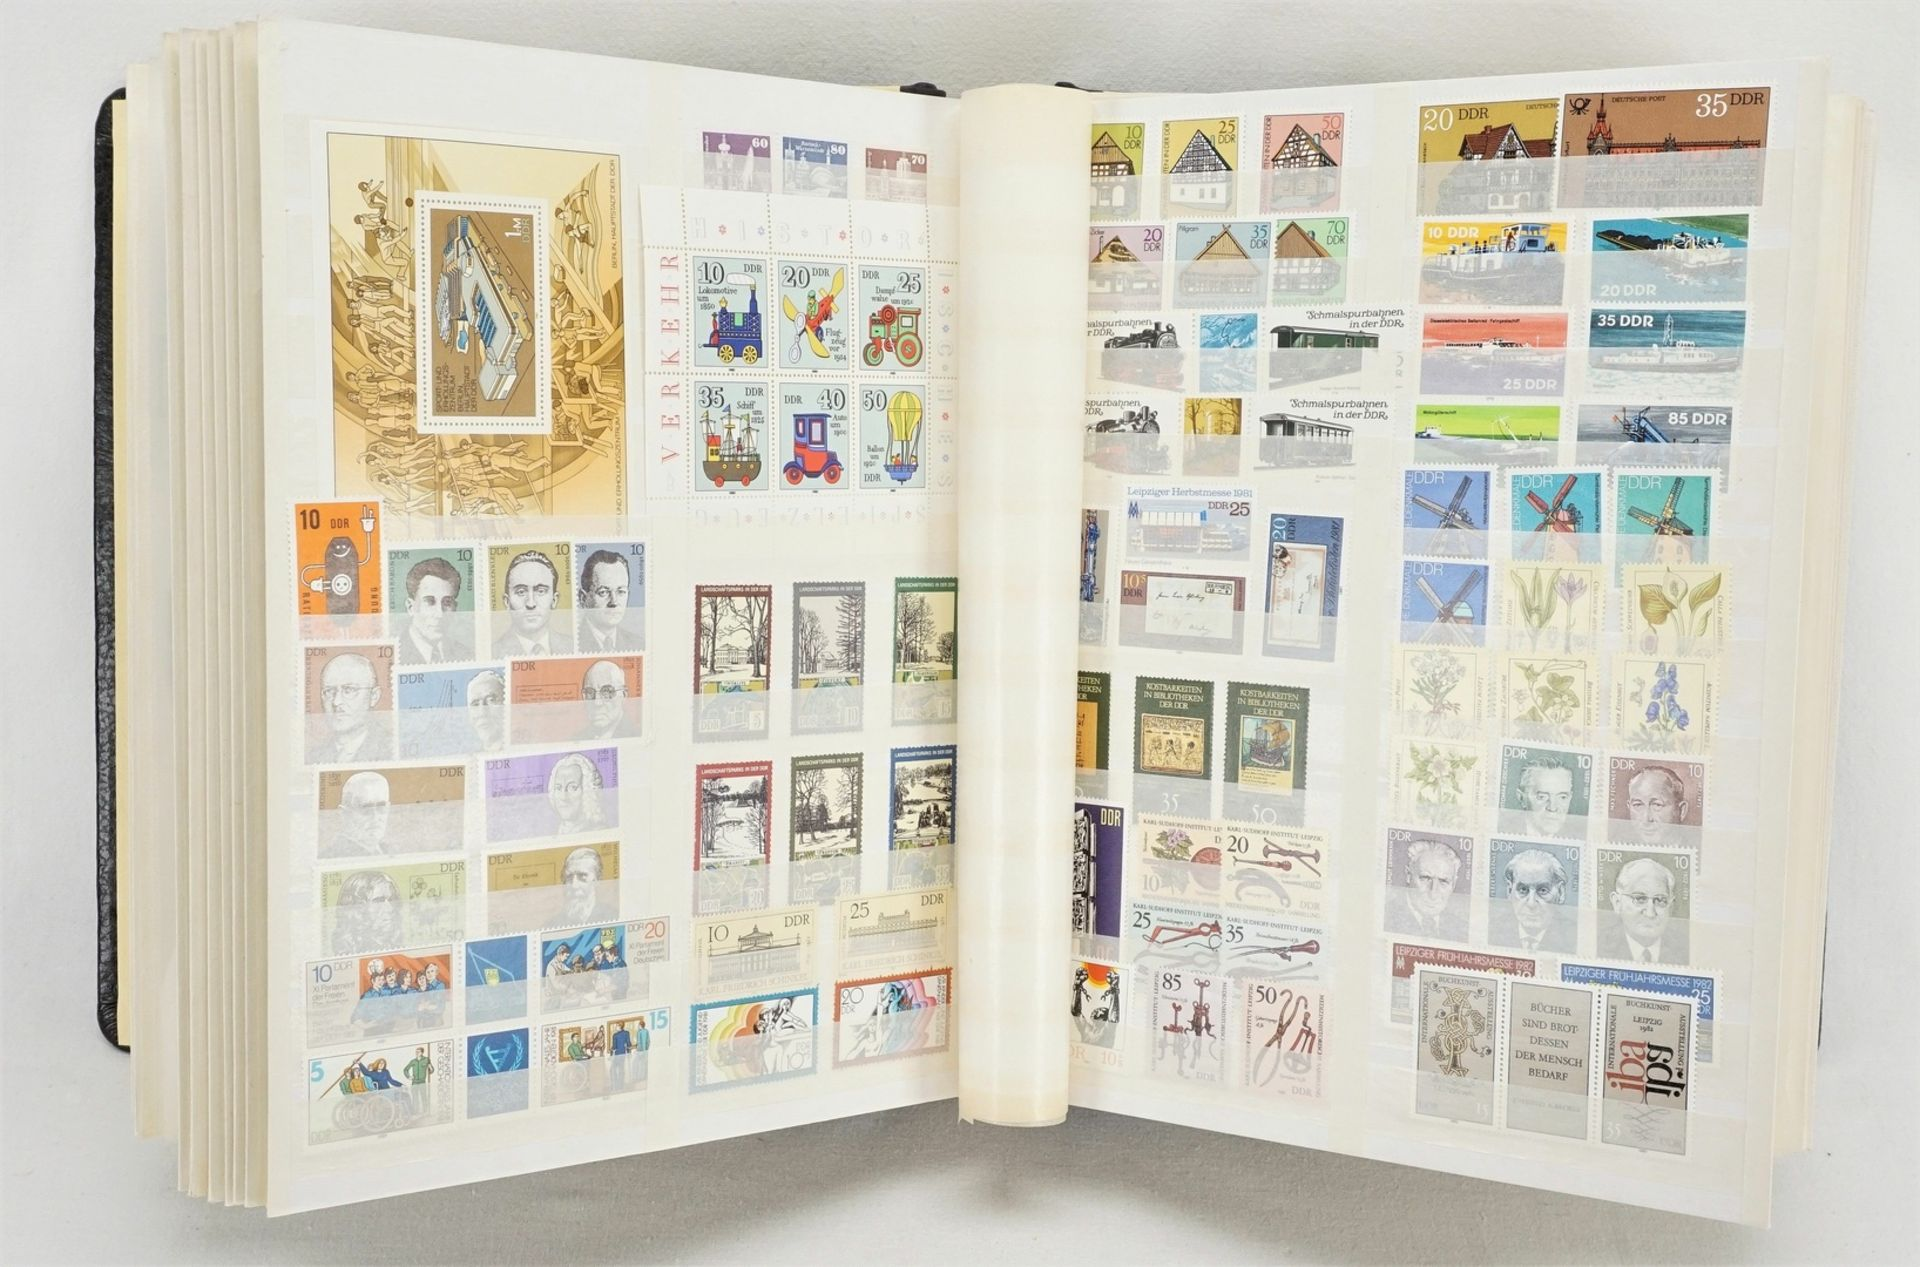 Ca. 1685 Briefmarken, Blocks und Ersttagsbriefe (FDCs), DDR - Bild 2 aus 3